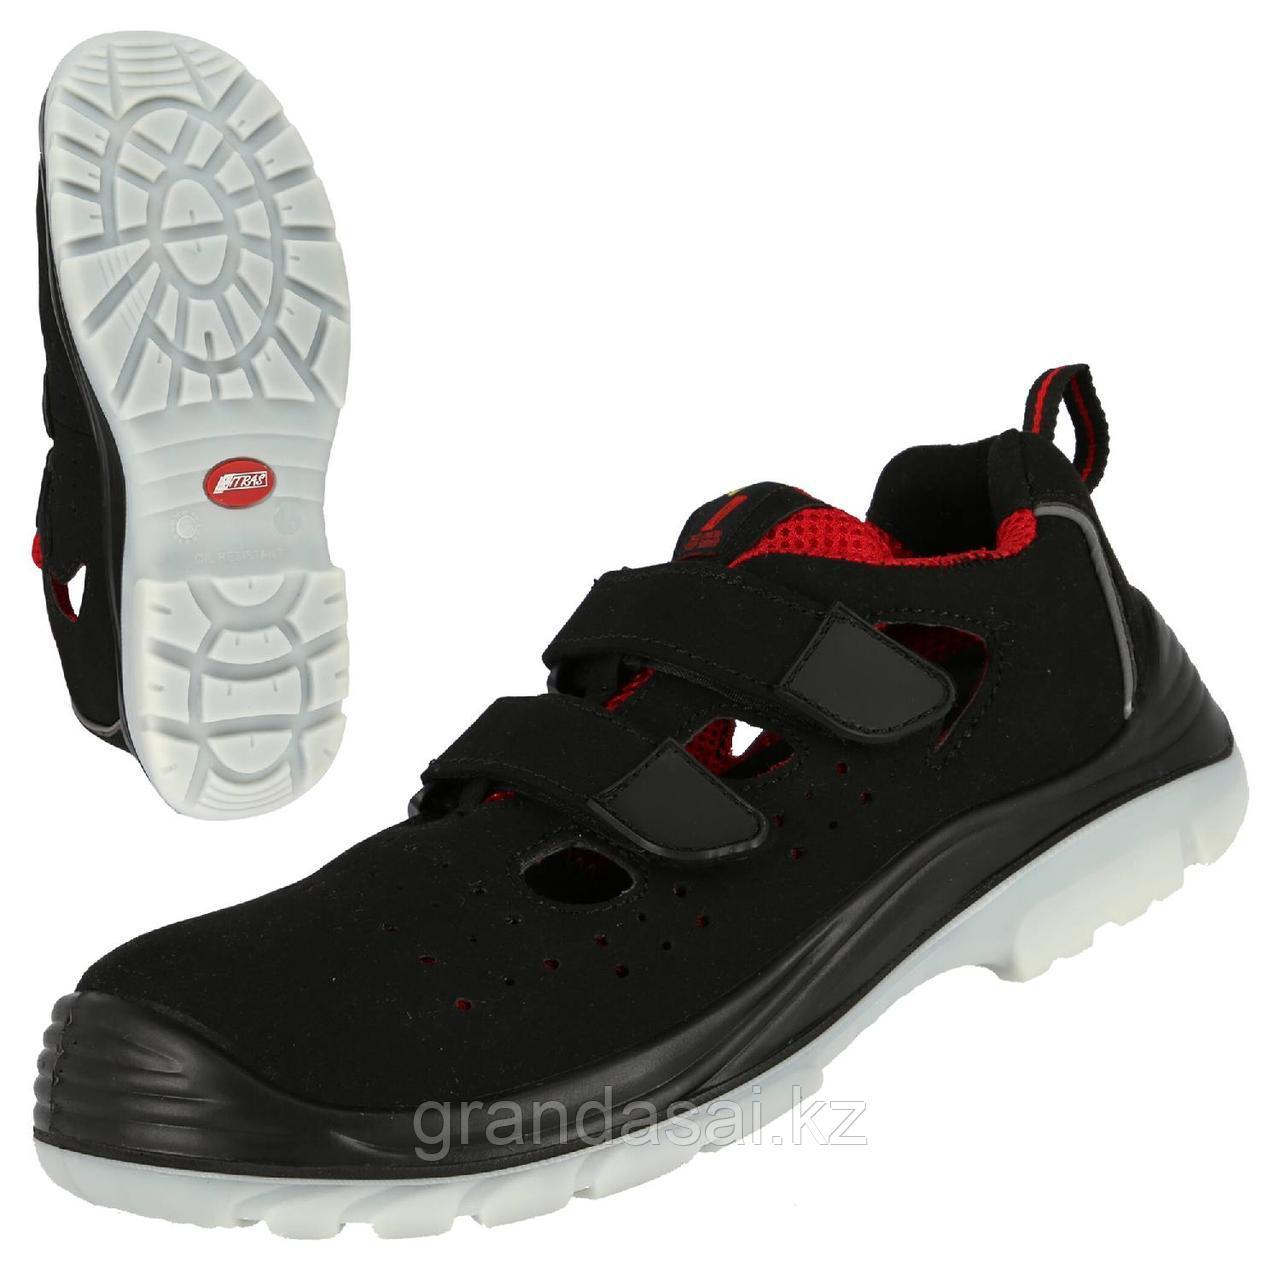 Ботинки защитные летние NITRAS MICRO STEP SA